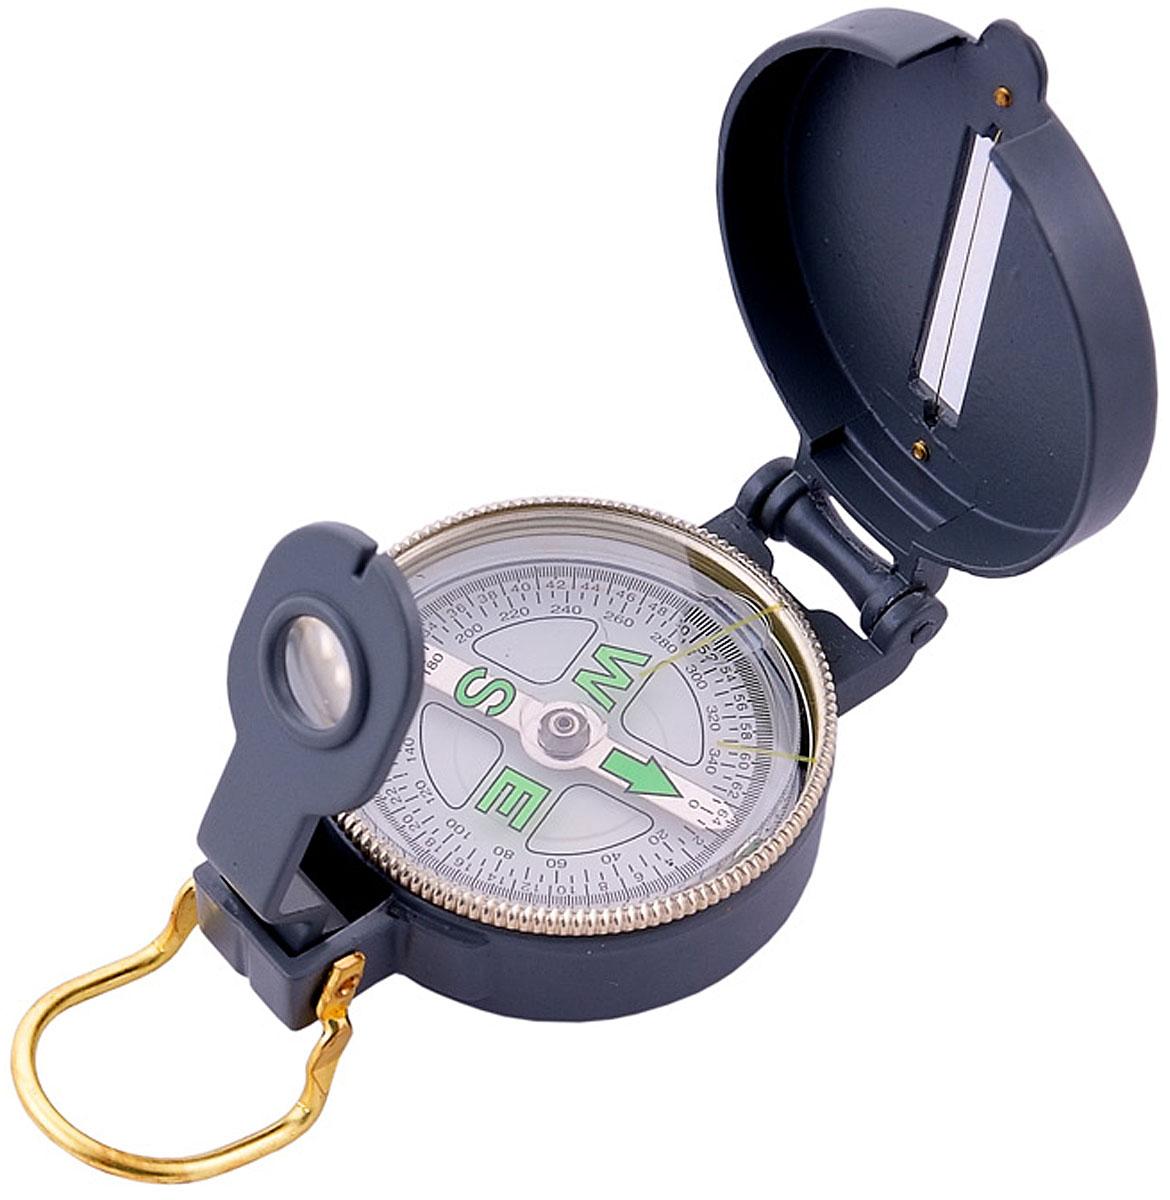 Компас AceCamp Металлический, цвет: серый. 31063106Компас Металлический Metal Compass от AceCamp. Металлический компас с жидкостным наполнением в металлическом корпусе - оптимальный вариант для эксплуатации в суровых условиях. Функции компаса: компас складной (имеется крышка и основа). Защитная крышка снабжена: прицельной нитью, прицельными светонакопительными точками. Основа снабжена: кольцом оправы с направляющими светонакопитльными полосками и увеличительным стеклом на визоре, плавающим циферблатом, магнитной стрелкой сосветонакопительным элементом. Основа компаса имеет задний прицел, с прицельной щелью и линзой. А так же скобу для закрытия конструкции. Размеры: 80 х 50 мм. Вес: 110 г.